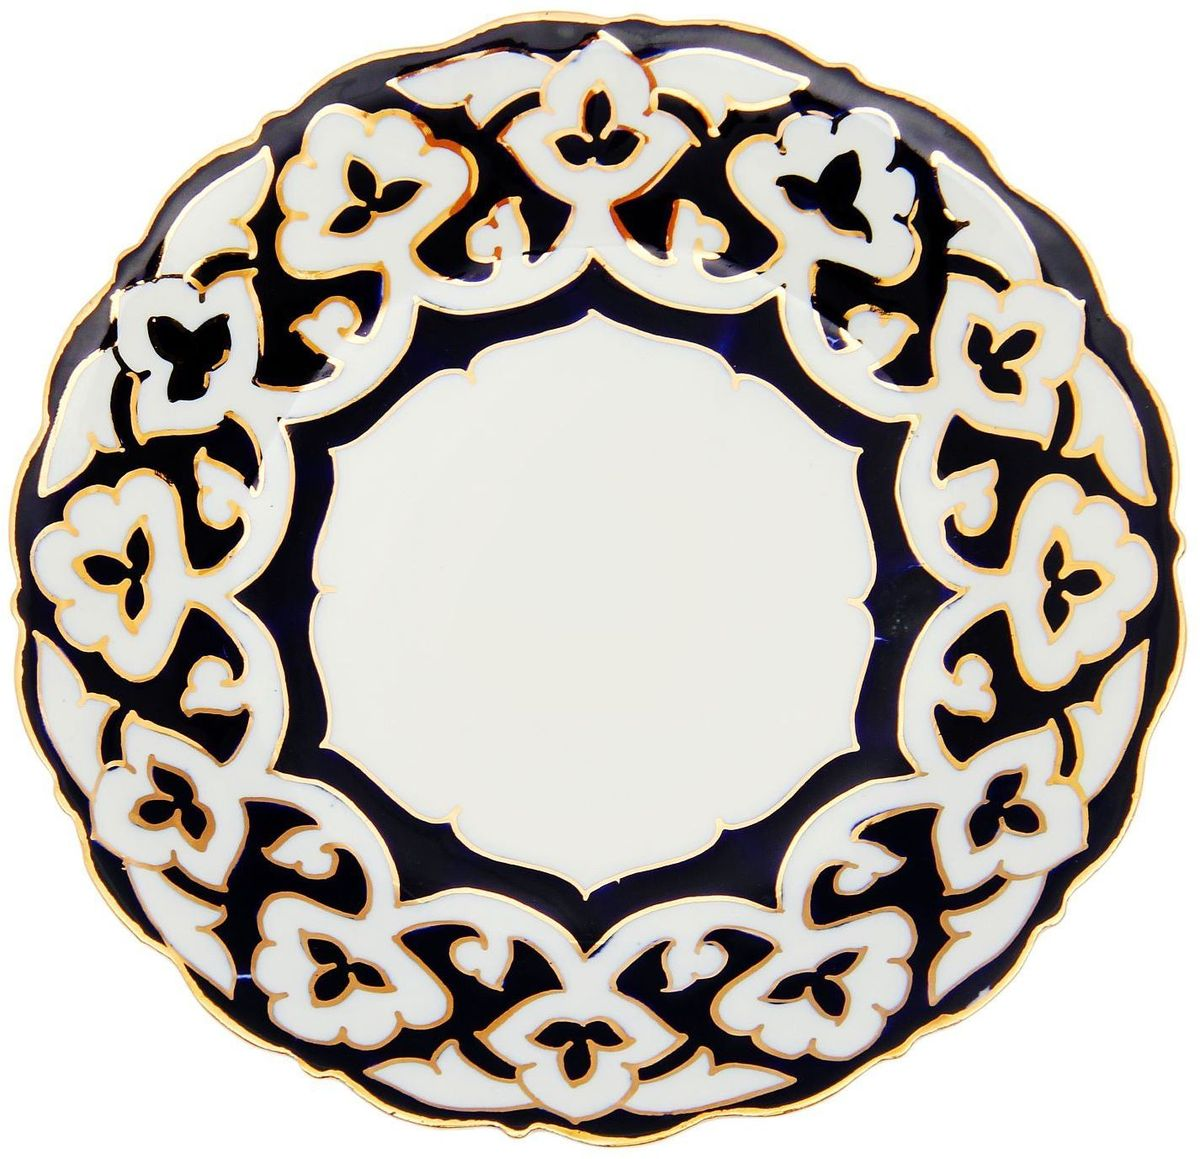 Тарелка Turon Porcelain Пахта, цвет: белый, синий, золотистый, диаметр 17,5 см96551Узбекская посуда известна всему миру уже более тысячи лет. Ей любовались царские особы, на ней подавали еду для шейхов и знатных персон. Формулы красок и глазури передаются из поколения в поколение. По сей день качественные расписные изделия продолжают восхищать совершенством и завораживающей красотой.Тарелка Turon Porcelain Пахта подойдет для повседневной и праздничной сервировки. Дополните стол текстилем и салфетками в тон, чтобы получить элегантное убранство с яркими акцентами.Национальная узбекская роспись Пахта сдержанна и благородна. Витиеватые узоры выводятся тонкой кистью, а фон заливается кобальтом. Синий краситель при обжиге слегка растекается и придает контуру изображений голубой оттенок. Густая глазурь наносится толстым слоем, благодаря чему рисунок мерцает.